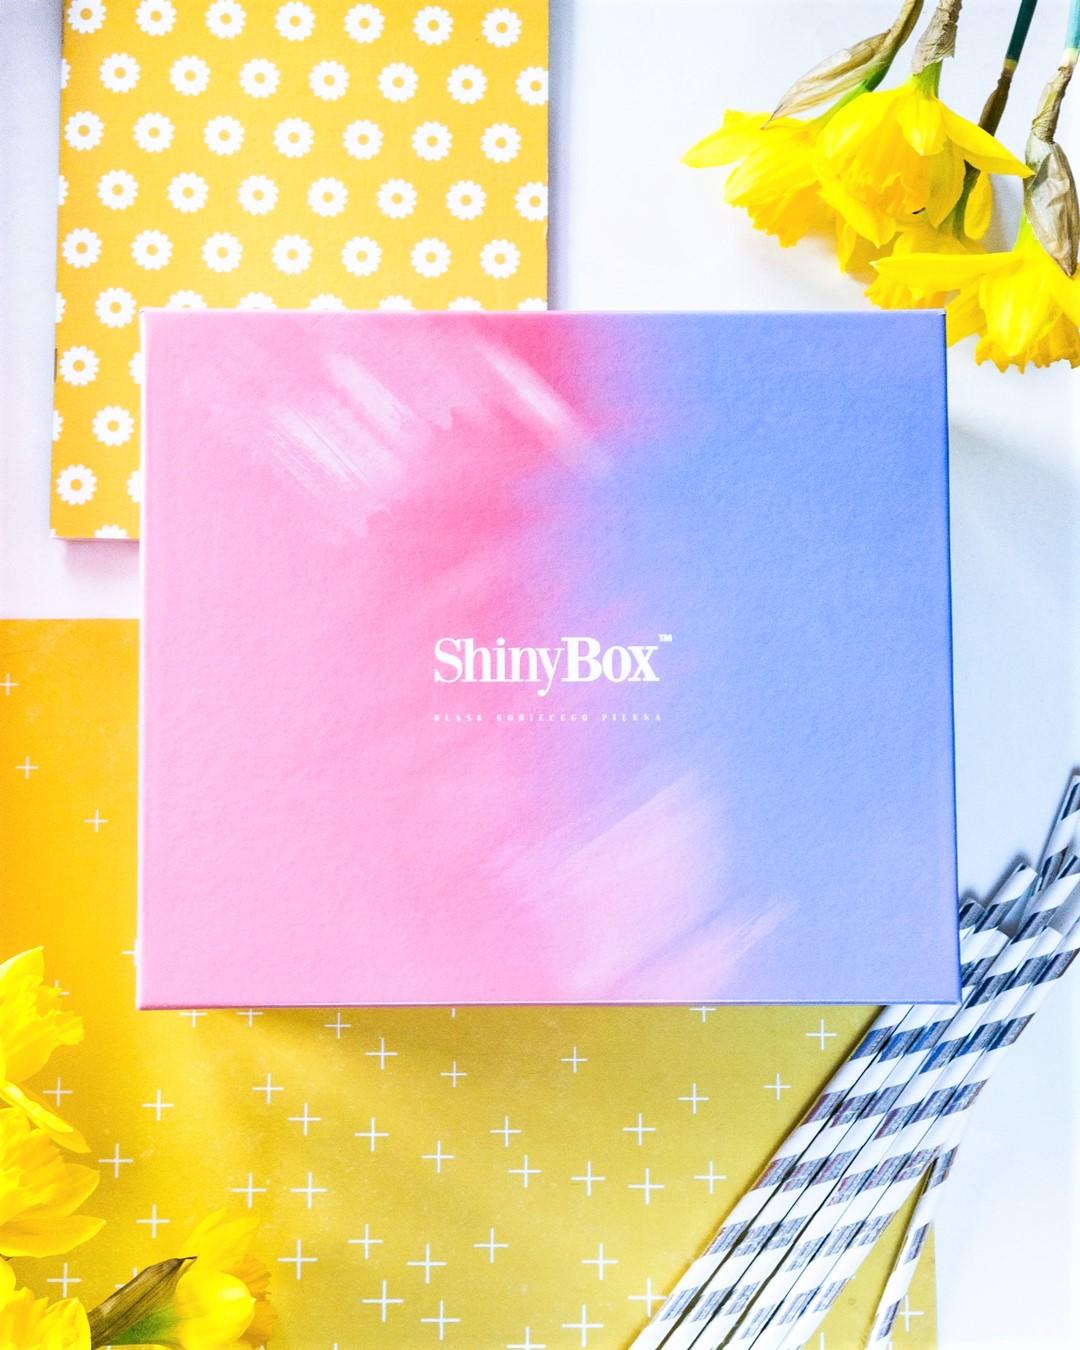 ShinyBox | Loveliness